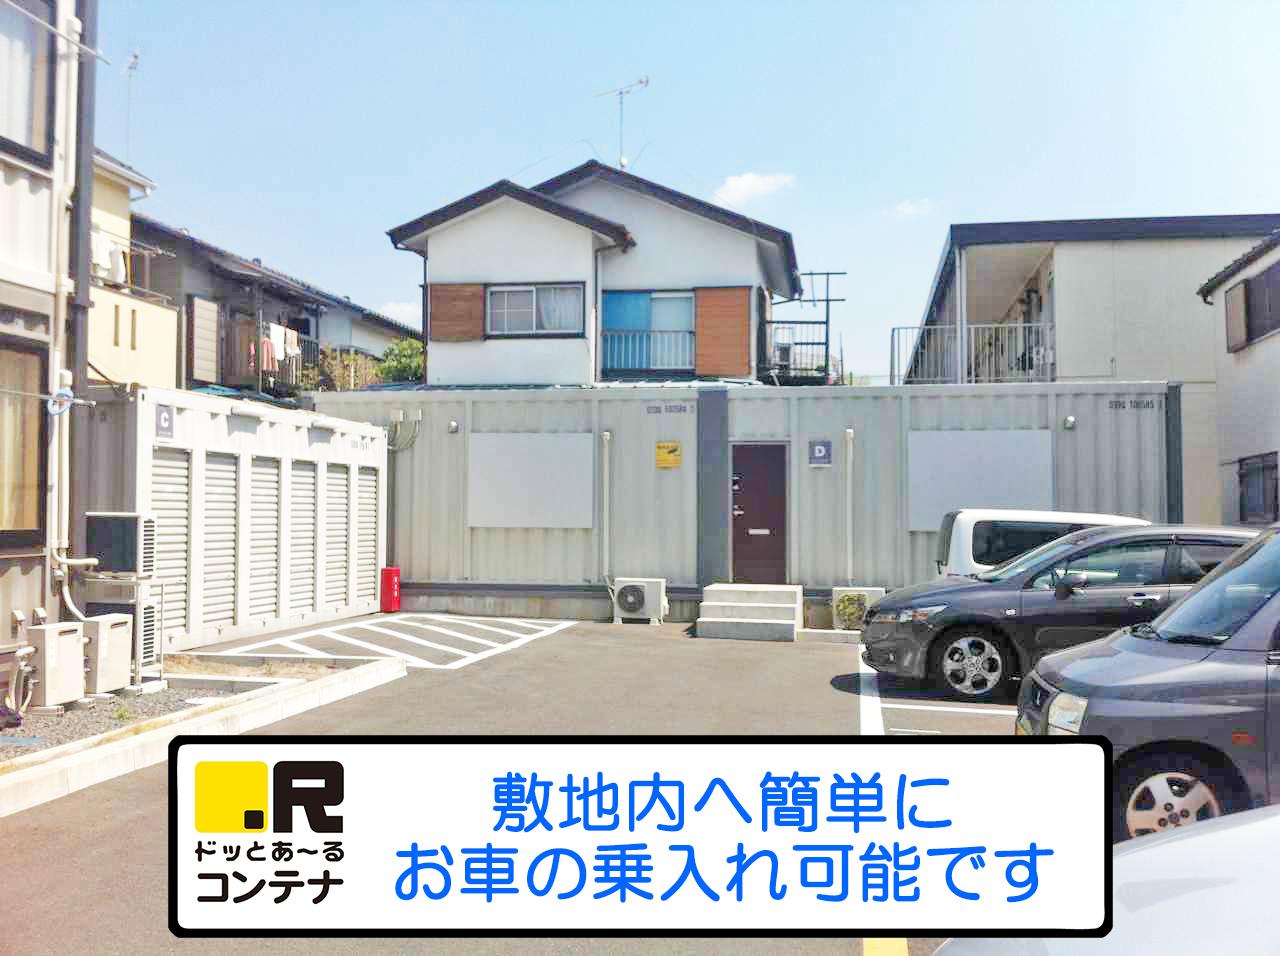 ドッとあ~るコンテナ UTレジデンス港北店外観6